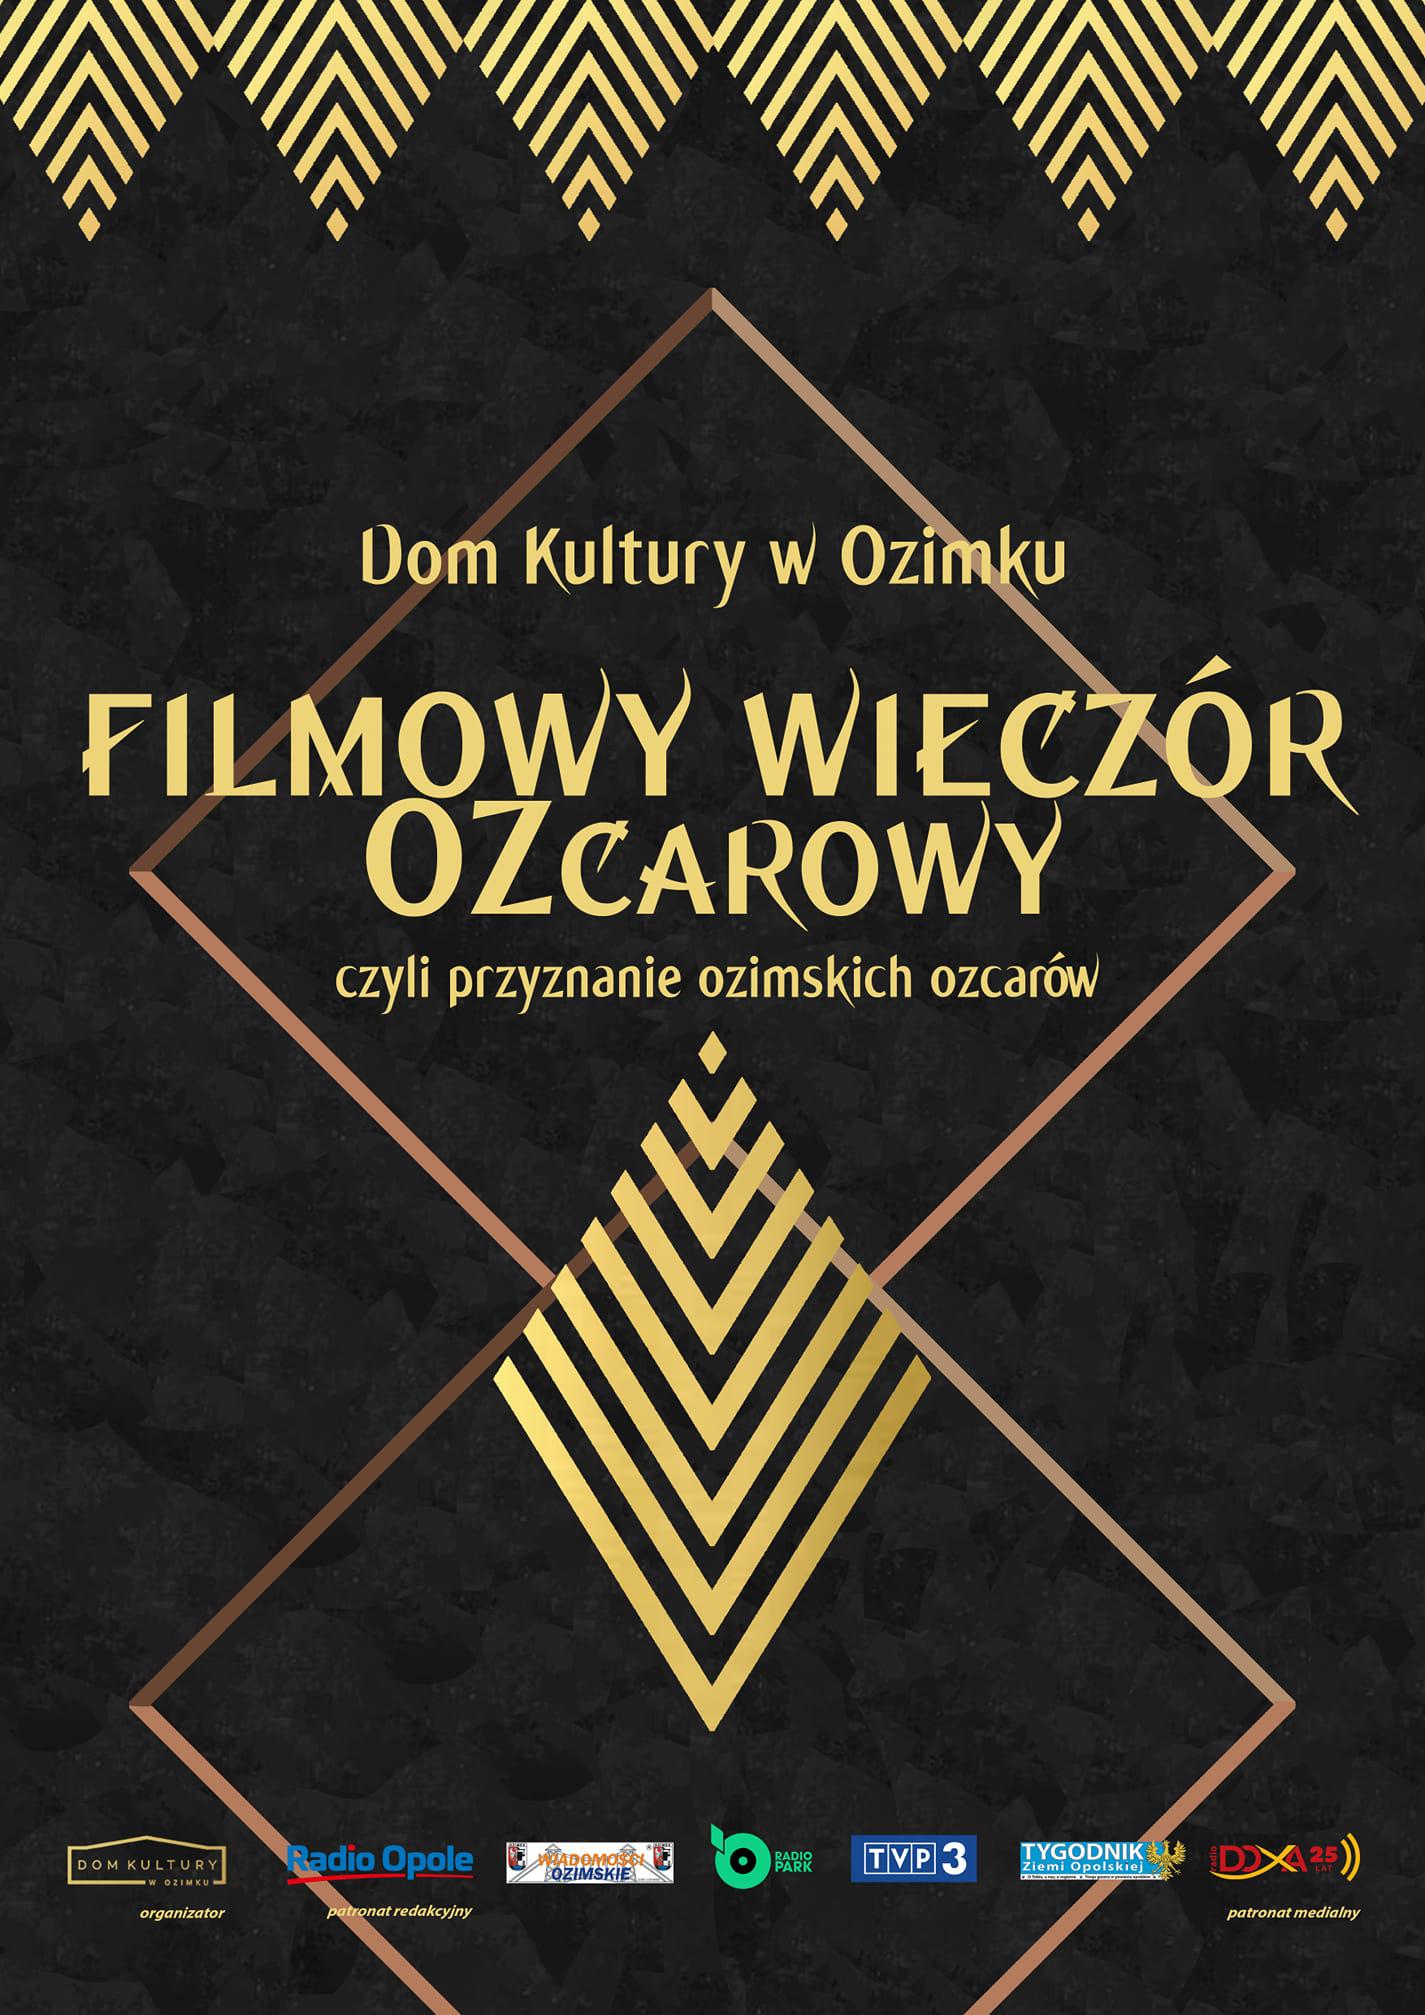 Filmowy Wieczór OZcarowy, czyli przyznanie ozimskich OZcarów